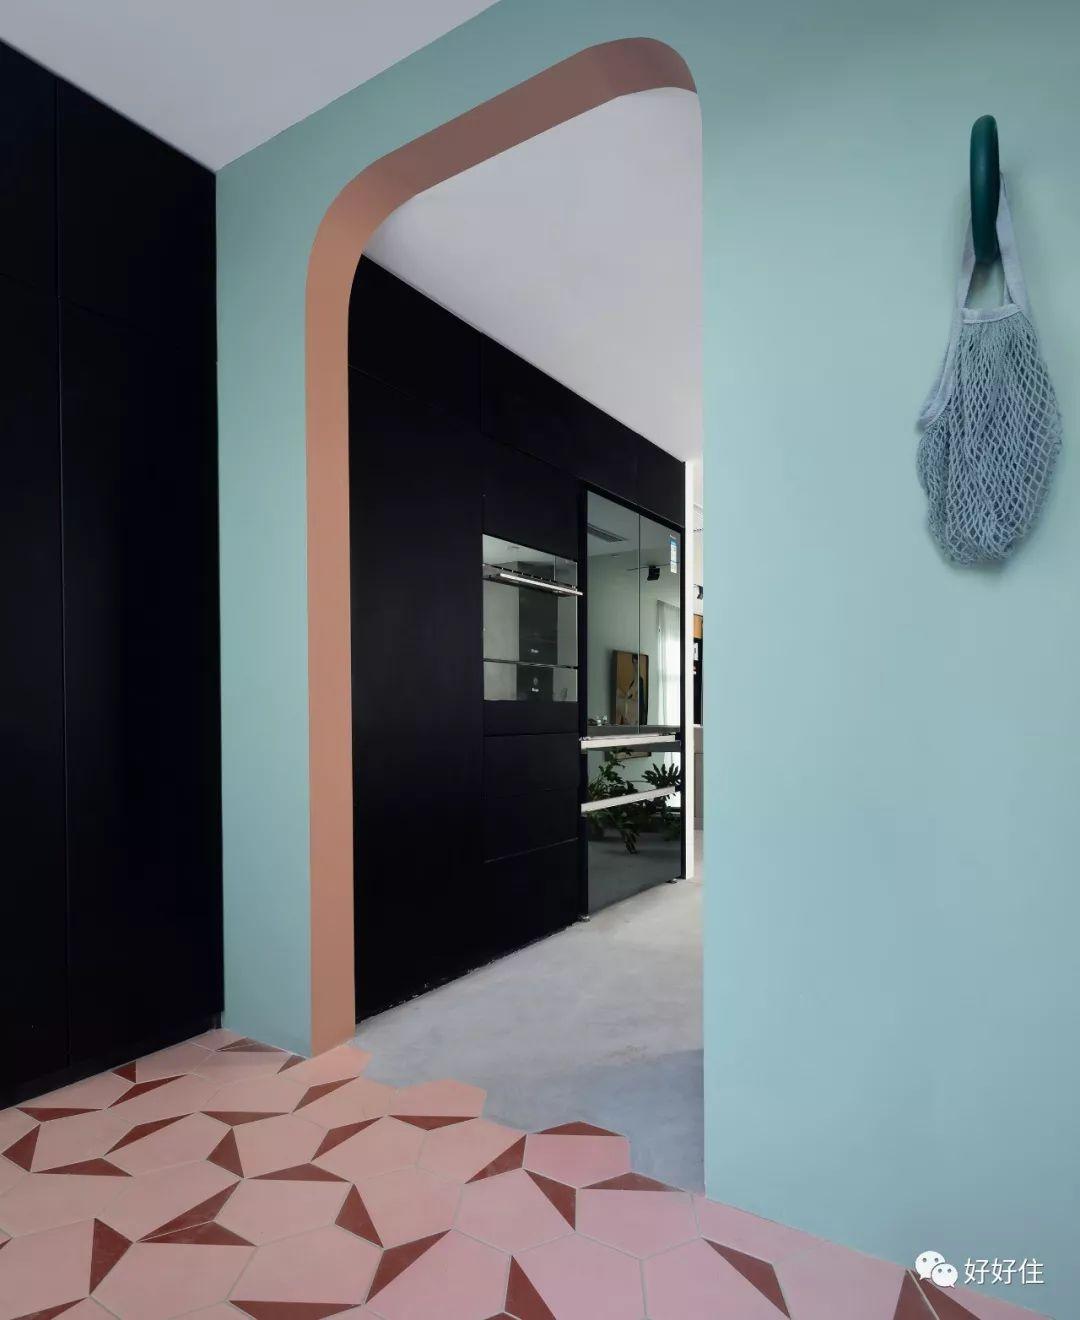 龙舌兰浴缸、「悬浮」别墅、30+种家具,两个人颜色花园图片家庭图片